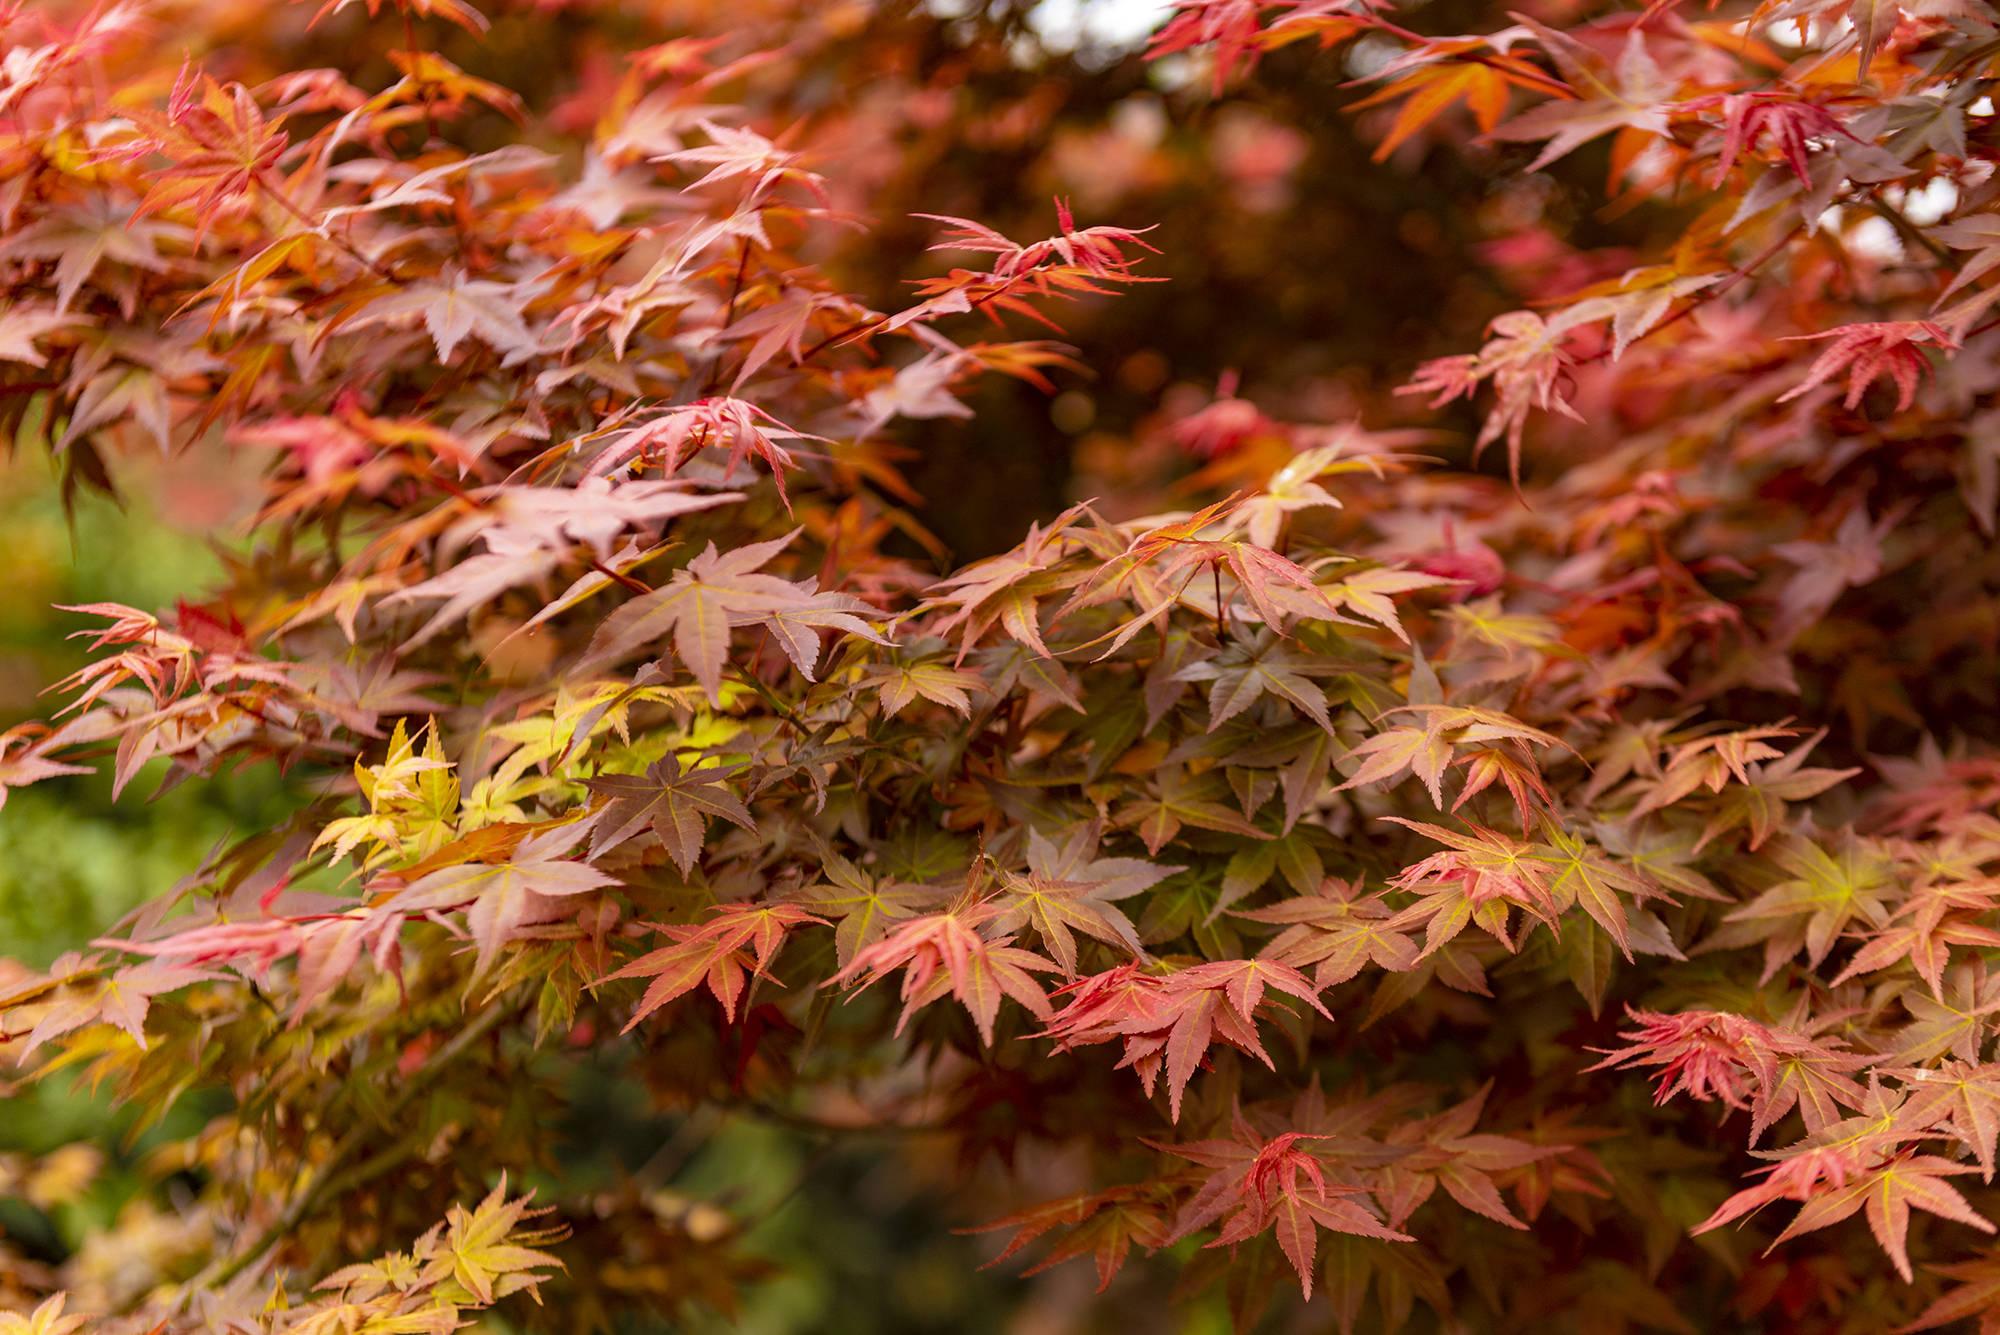 奇!广东小县城漫山遍野红似火,枫叶竟在春天变红,正是观赏季节